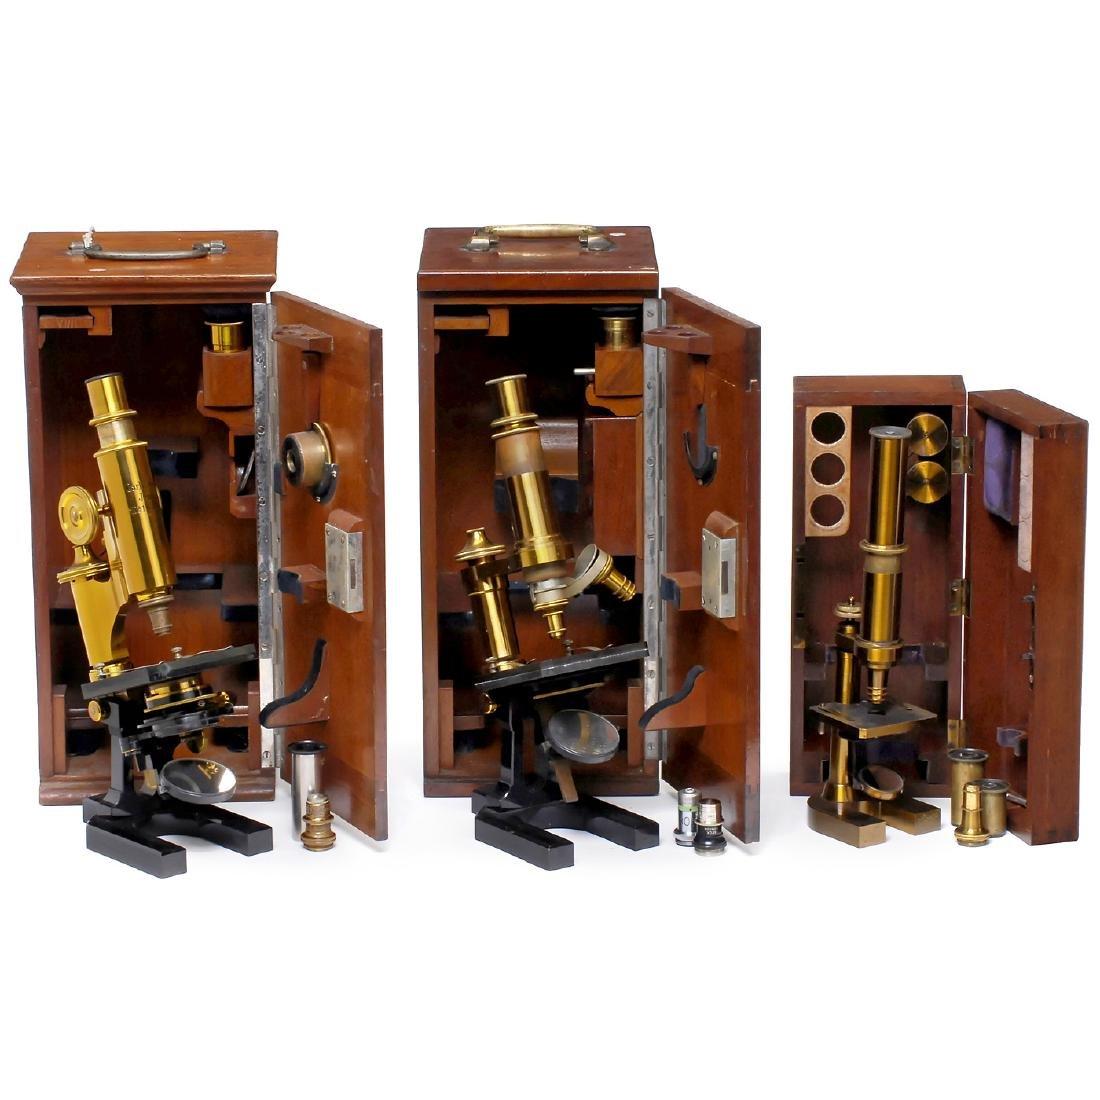 3 Zeiss Jena Microscopes